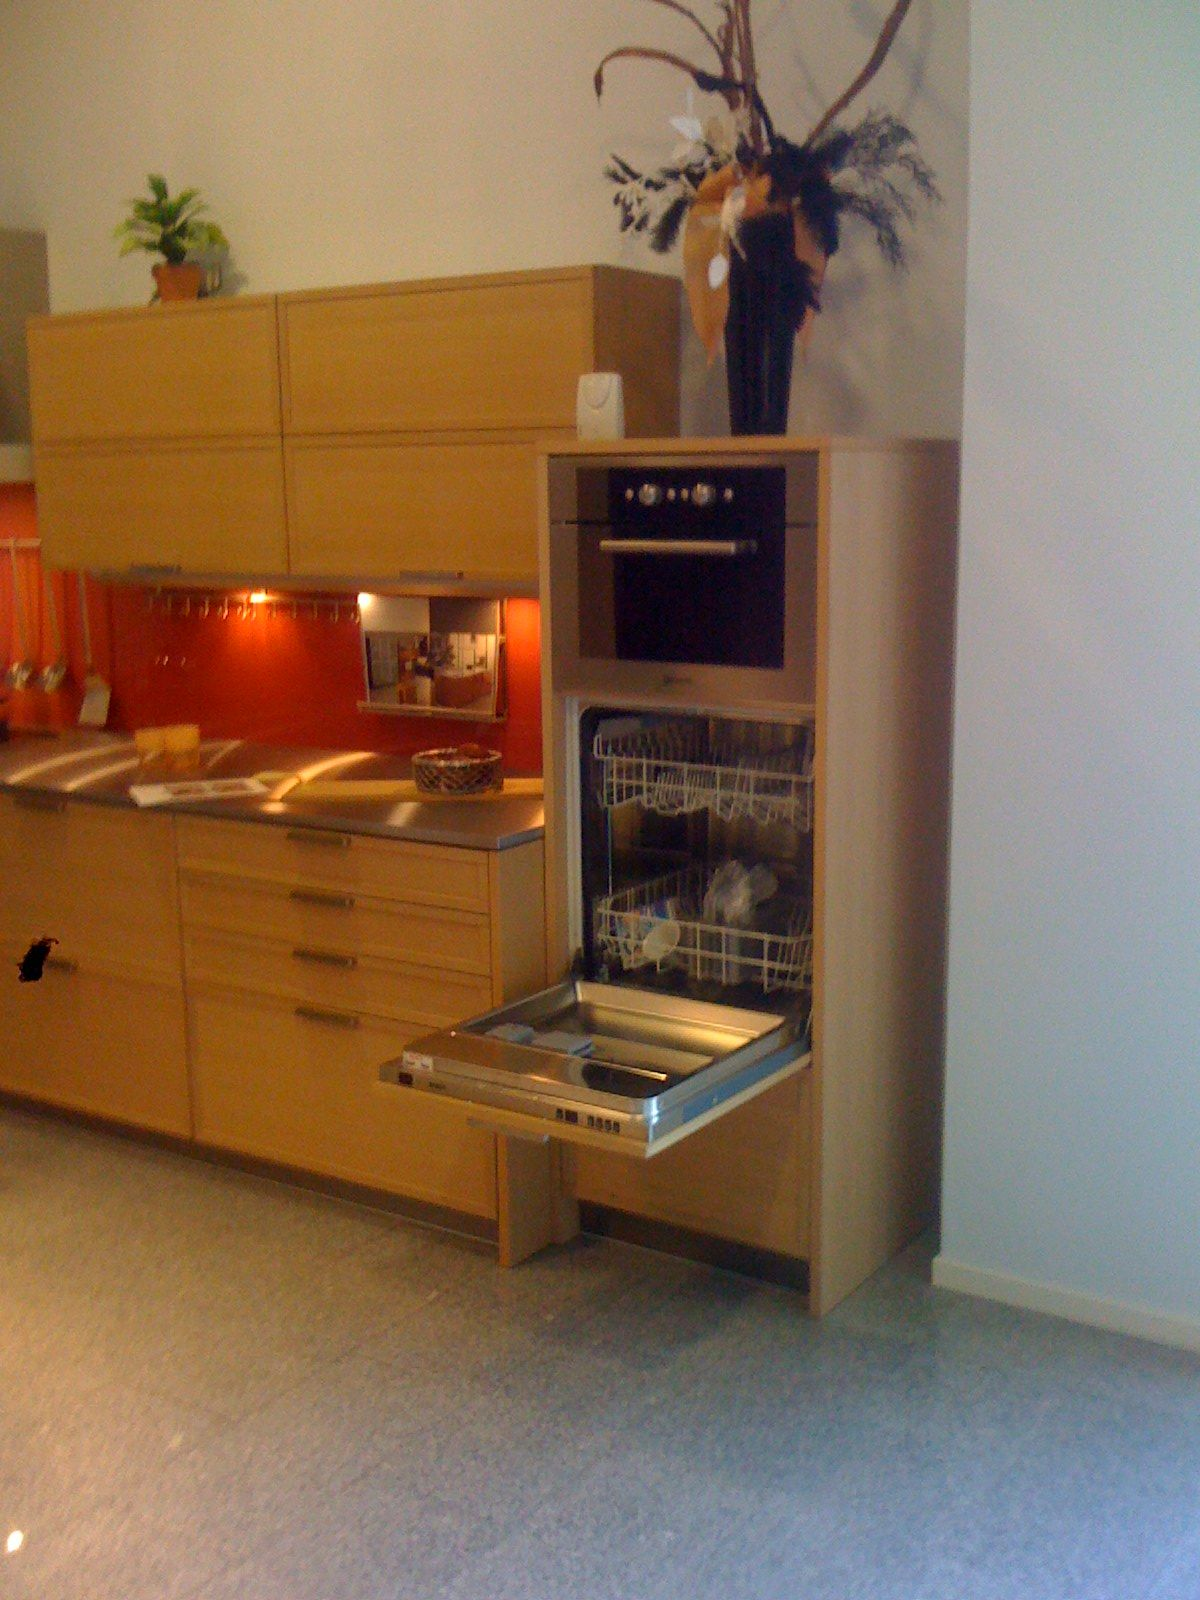 Alle showroomkeuken aanbiedingen uit nederland keukens voor zeer lage - Keuken eiland goedkoop ...